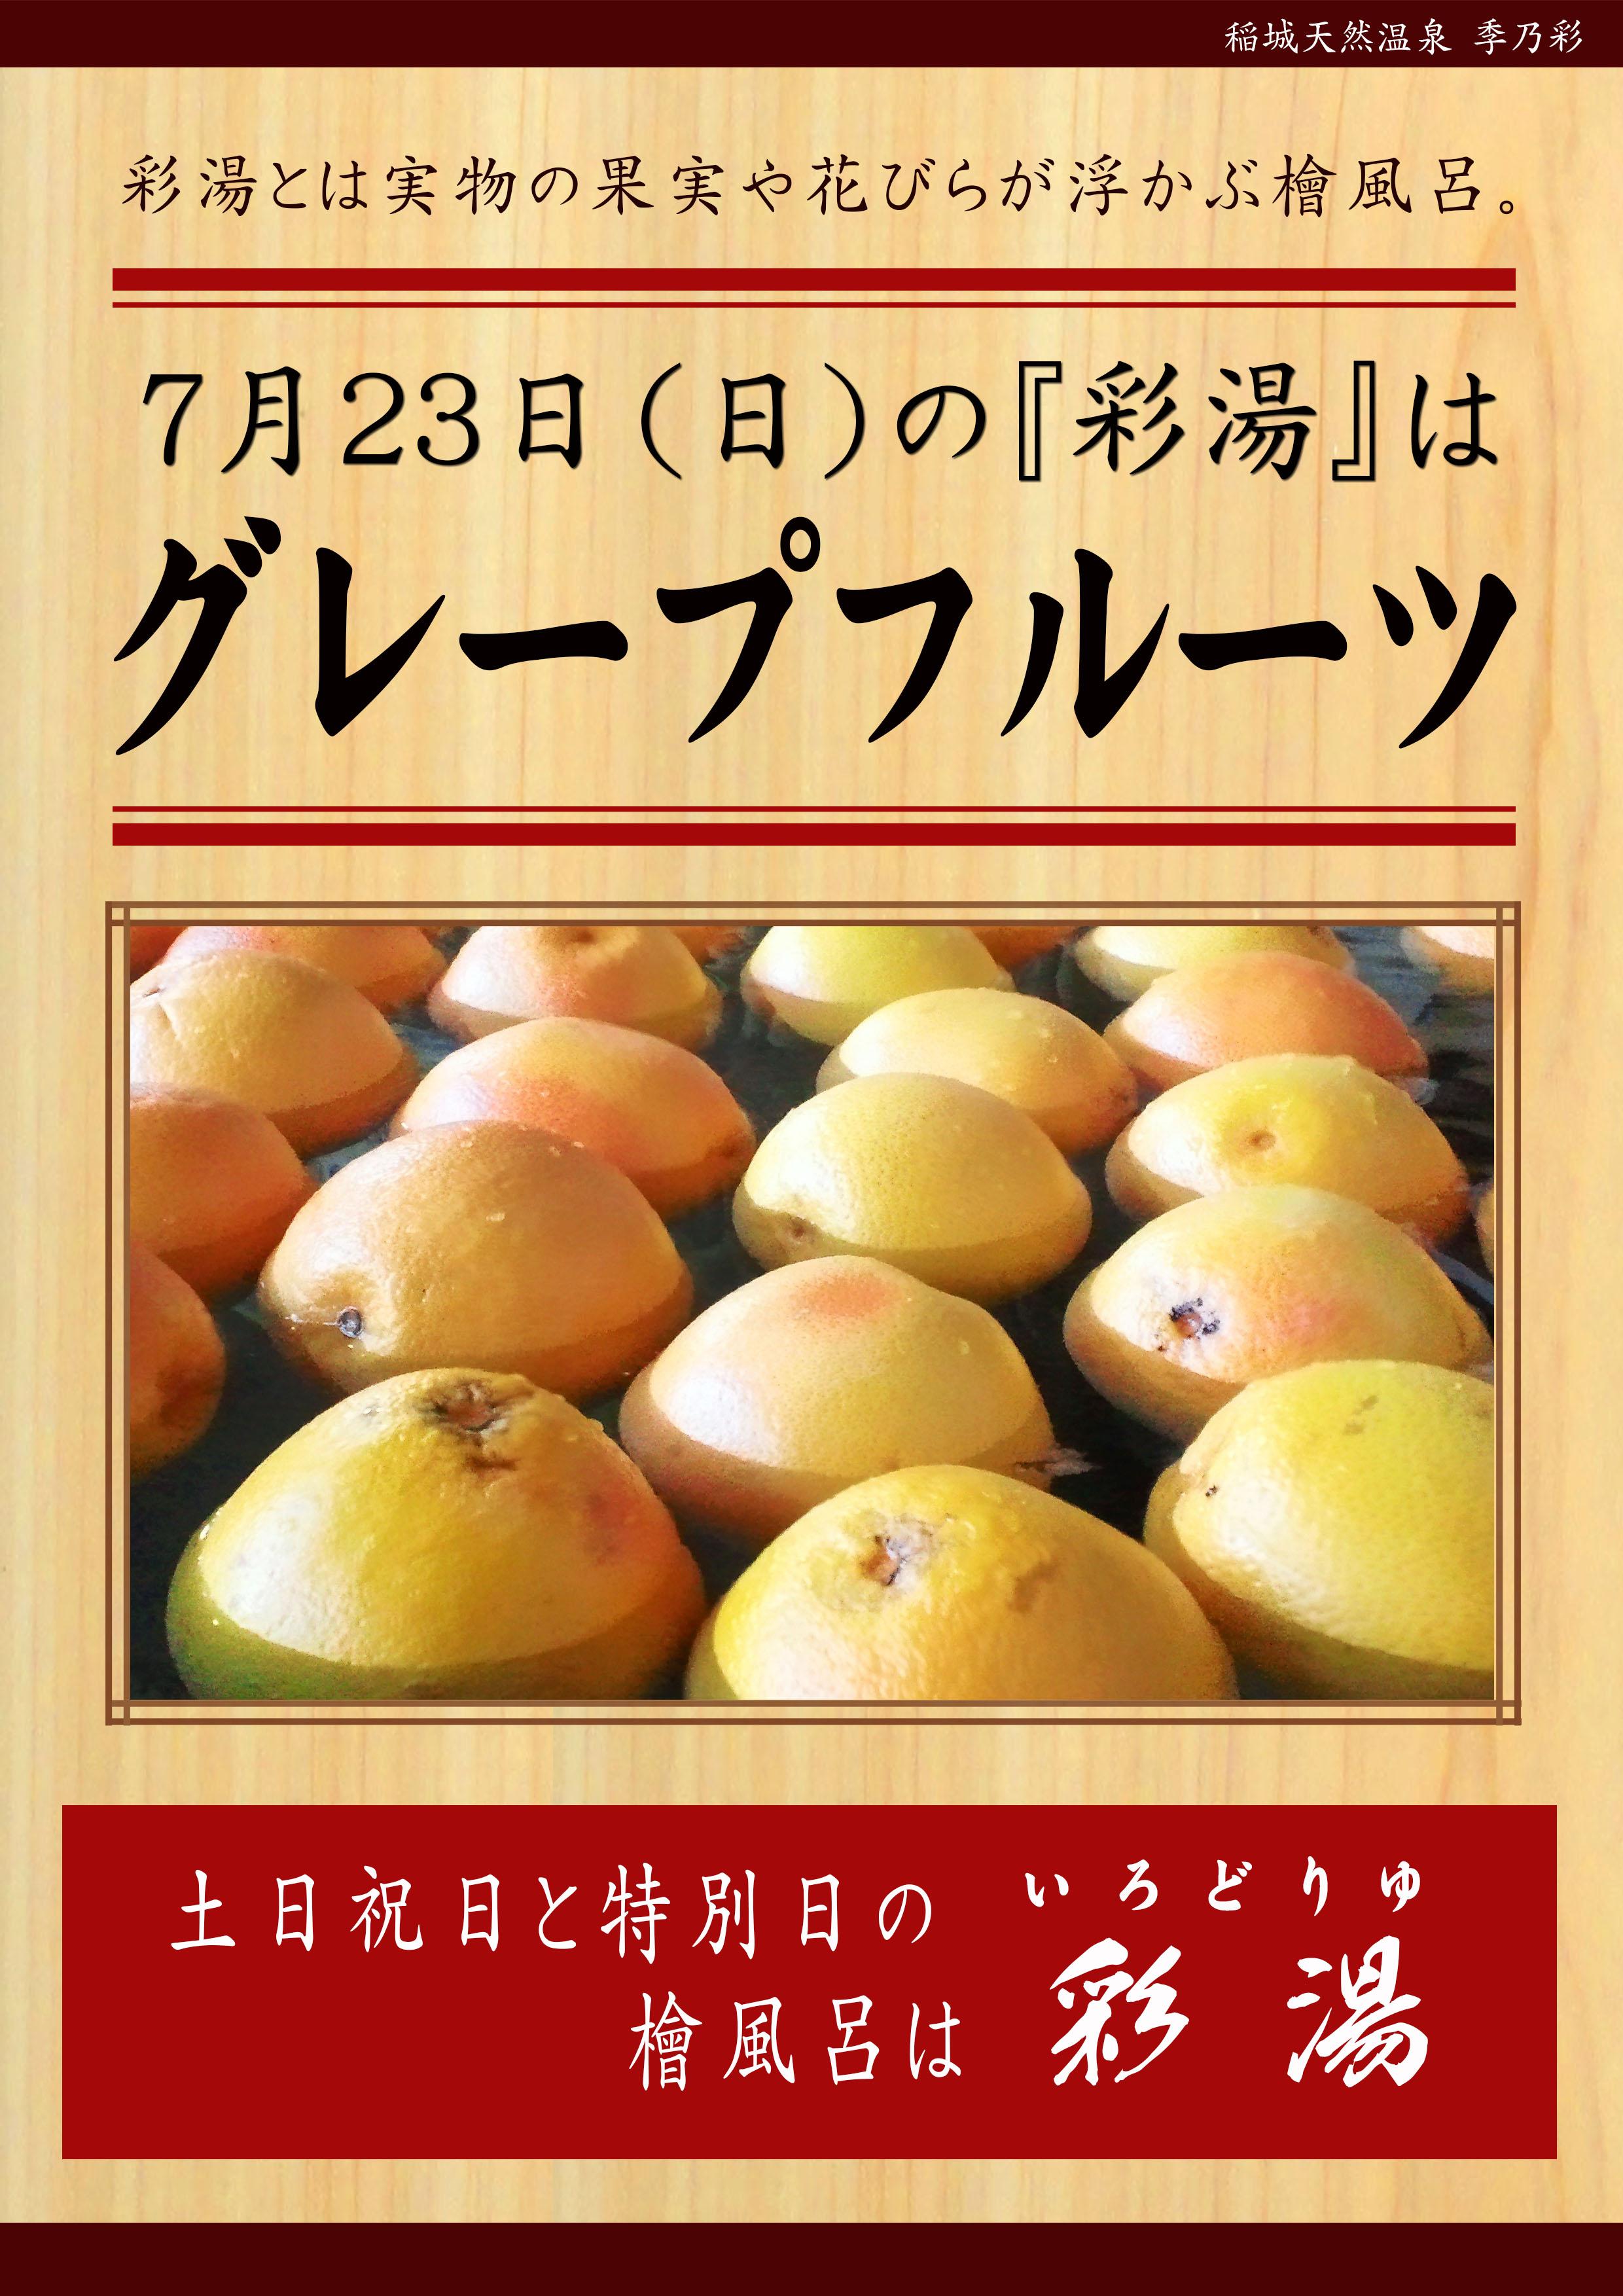 20170723POP イベント 彩湯 グレープフルーツ